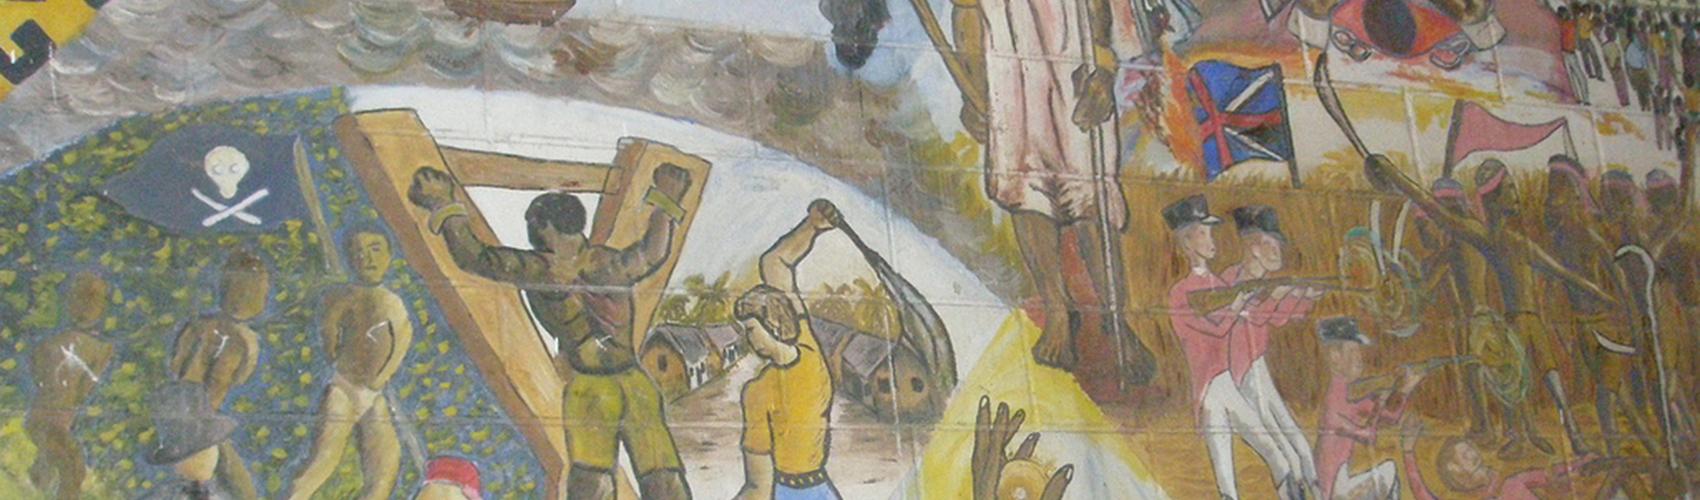 NRMSS Mural